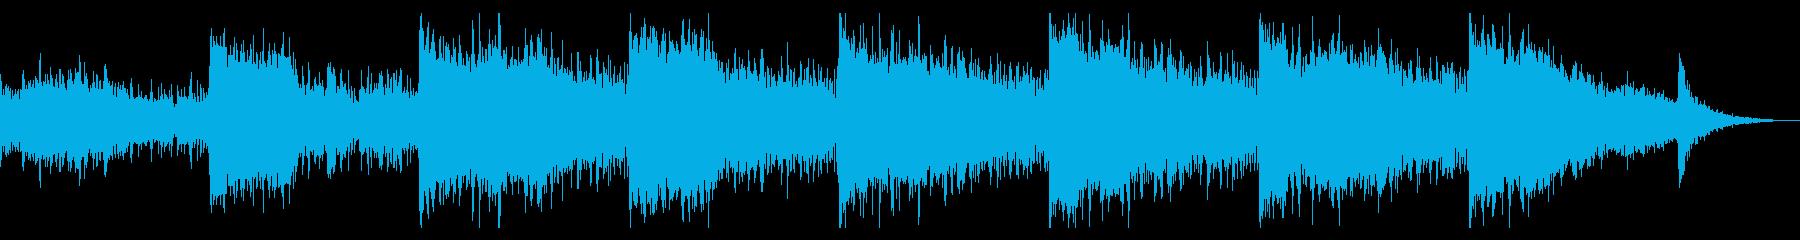 不気味なノイズのドローンの再生済みの波形